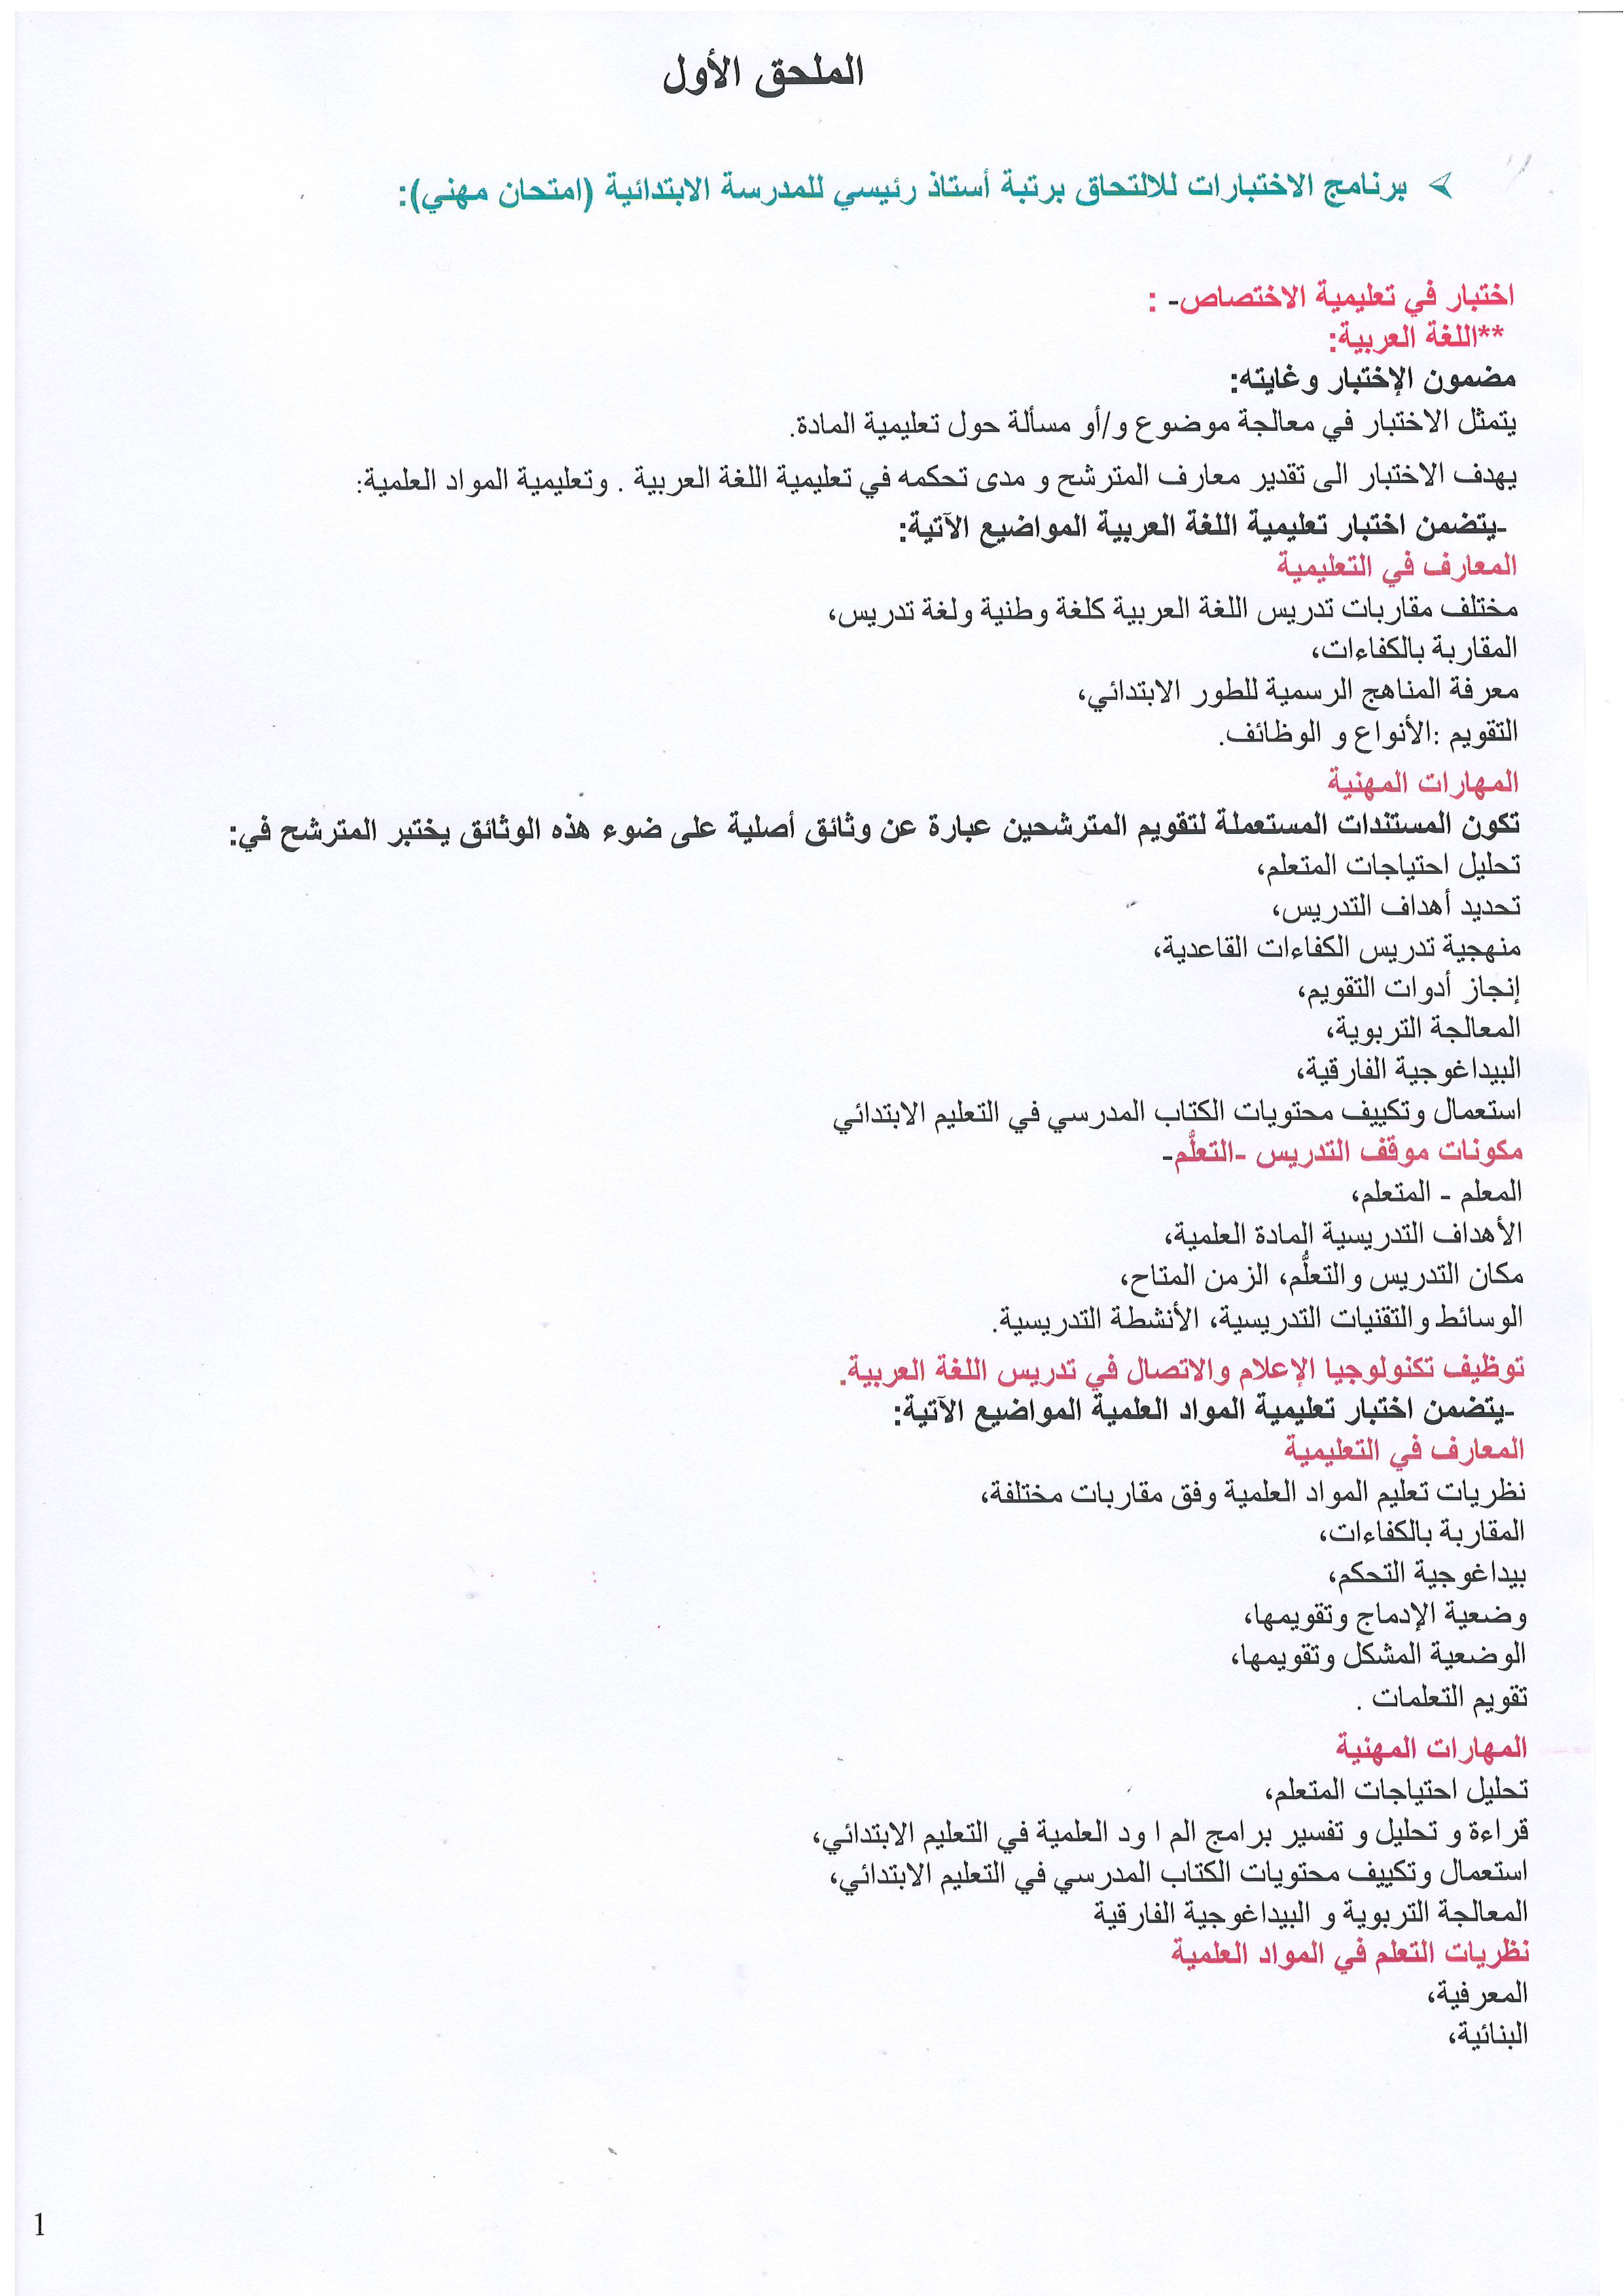 مواضيع مسابقة   مدير /استاذ مكون /استاذ رئيسي  EXAMEN-PROFESSIONNEL-1